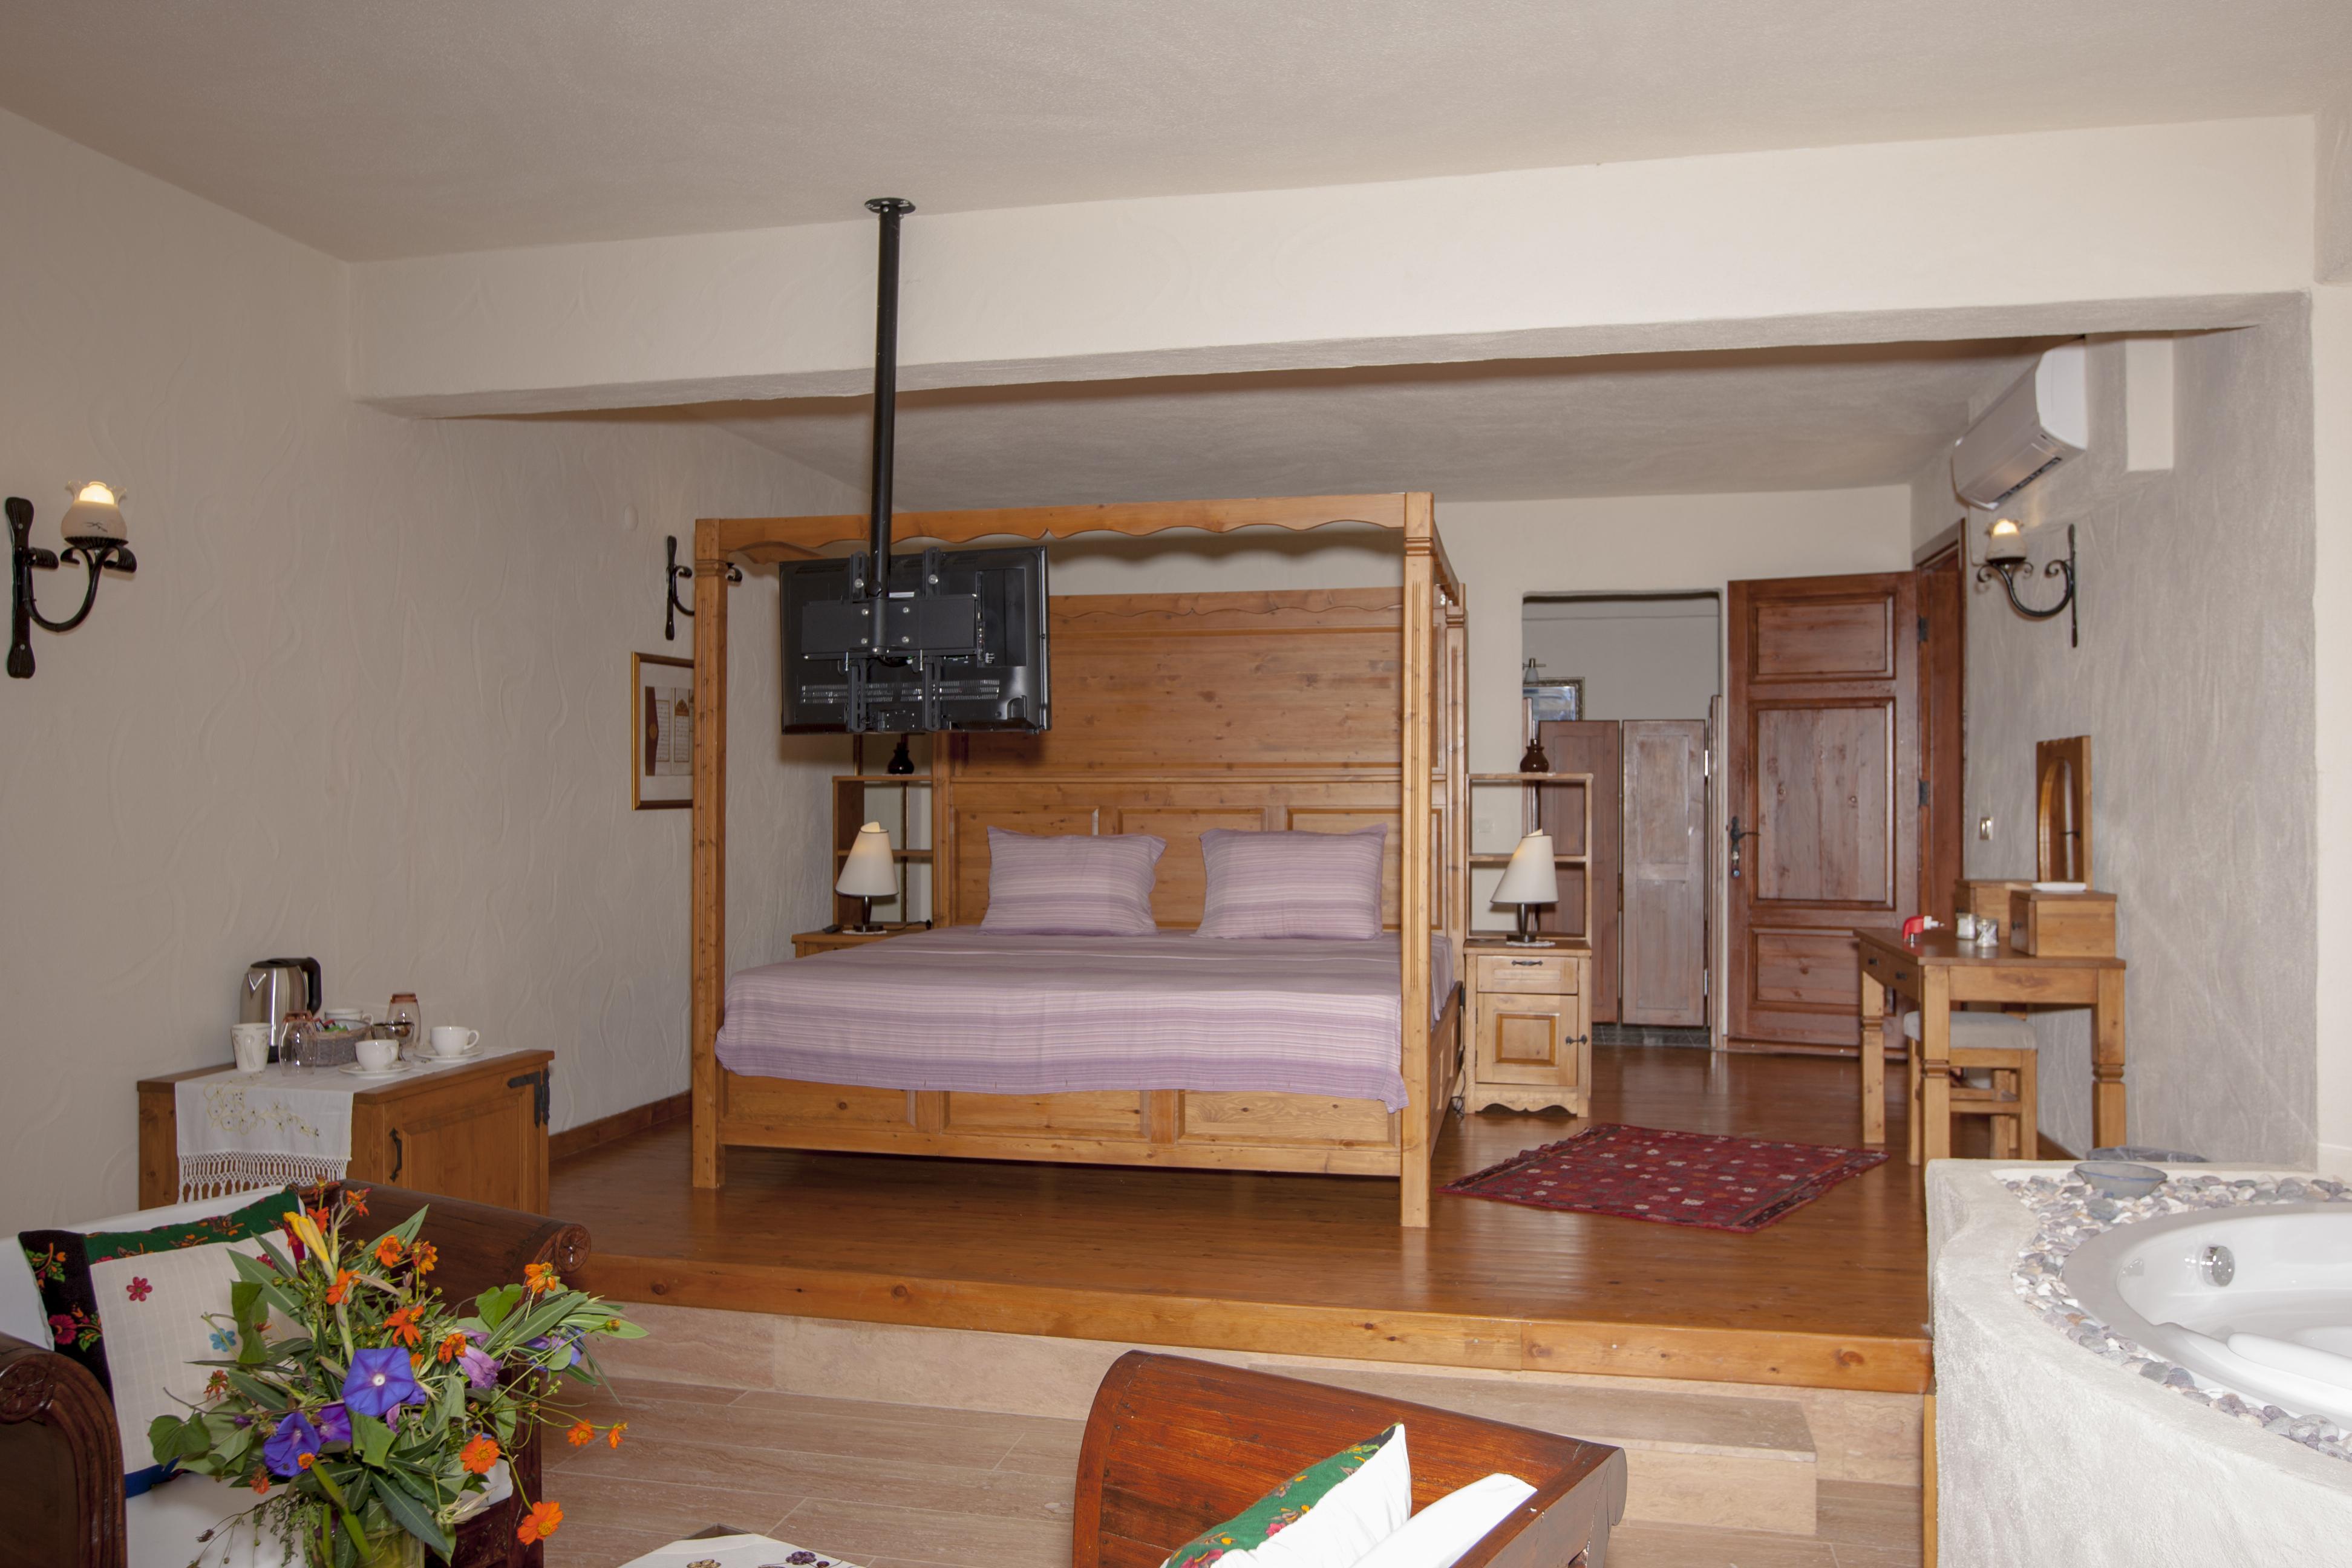 Luxurise Unterkunft und persnliches Ambiente in unzerstrter Natur